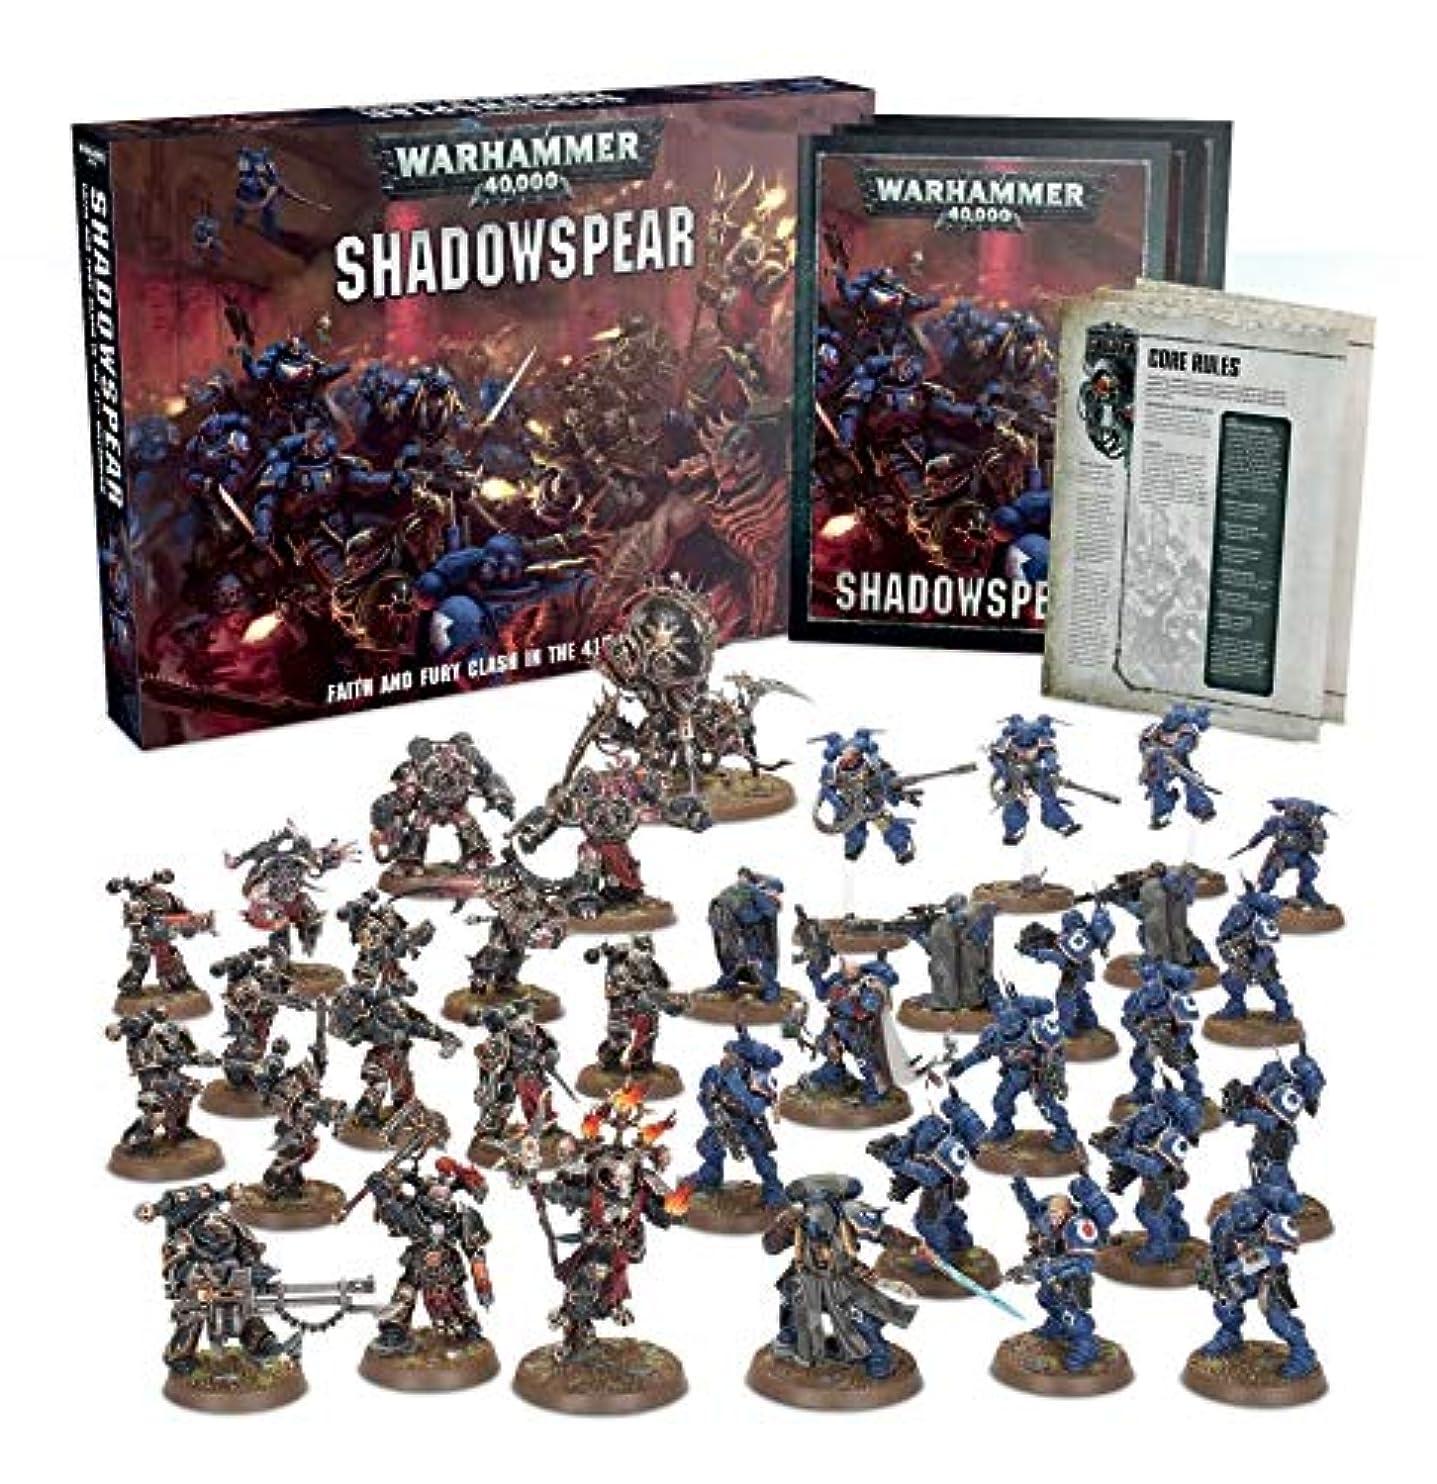 Games Workshop Warhammer 40,000 Shadowspear Box Set nnkqtqhgljt28